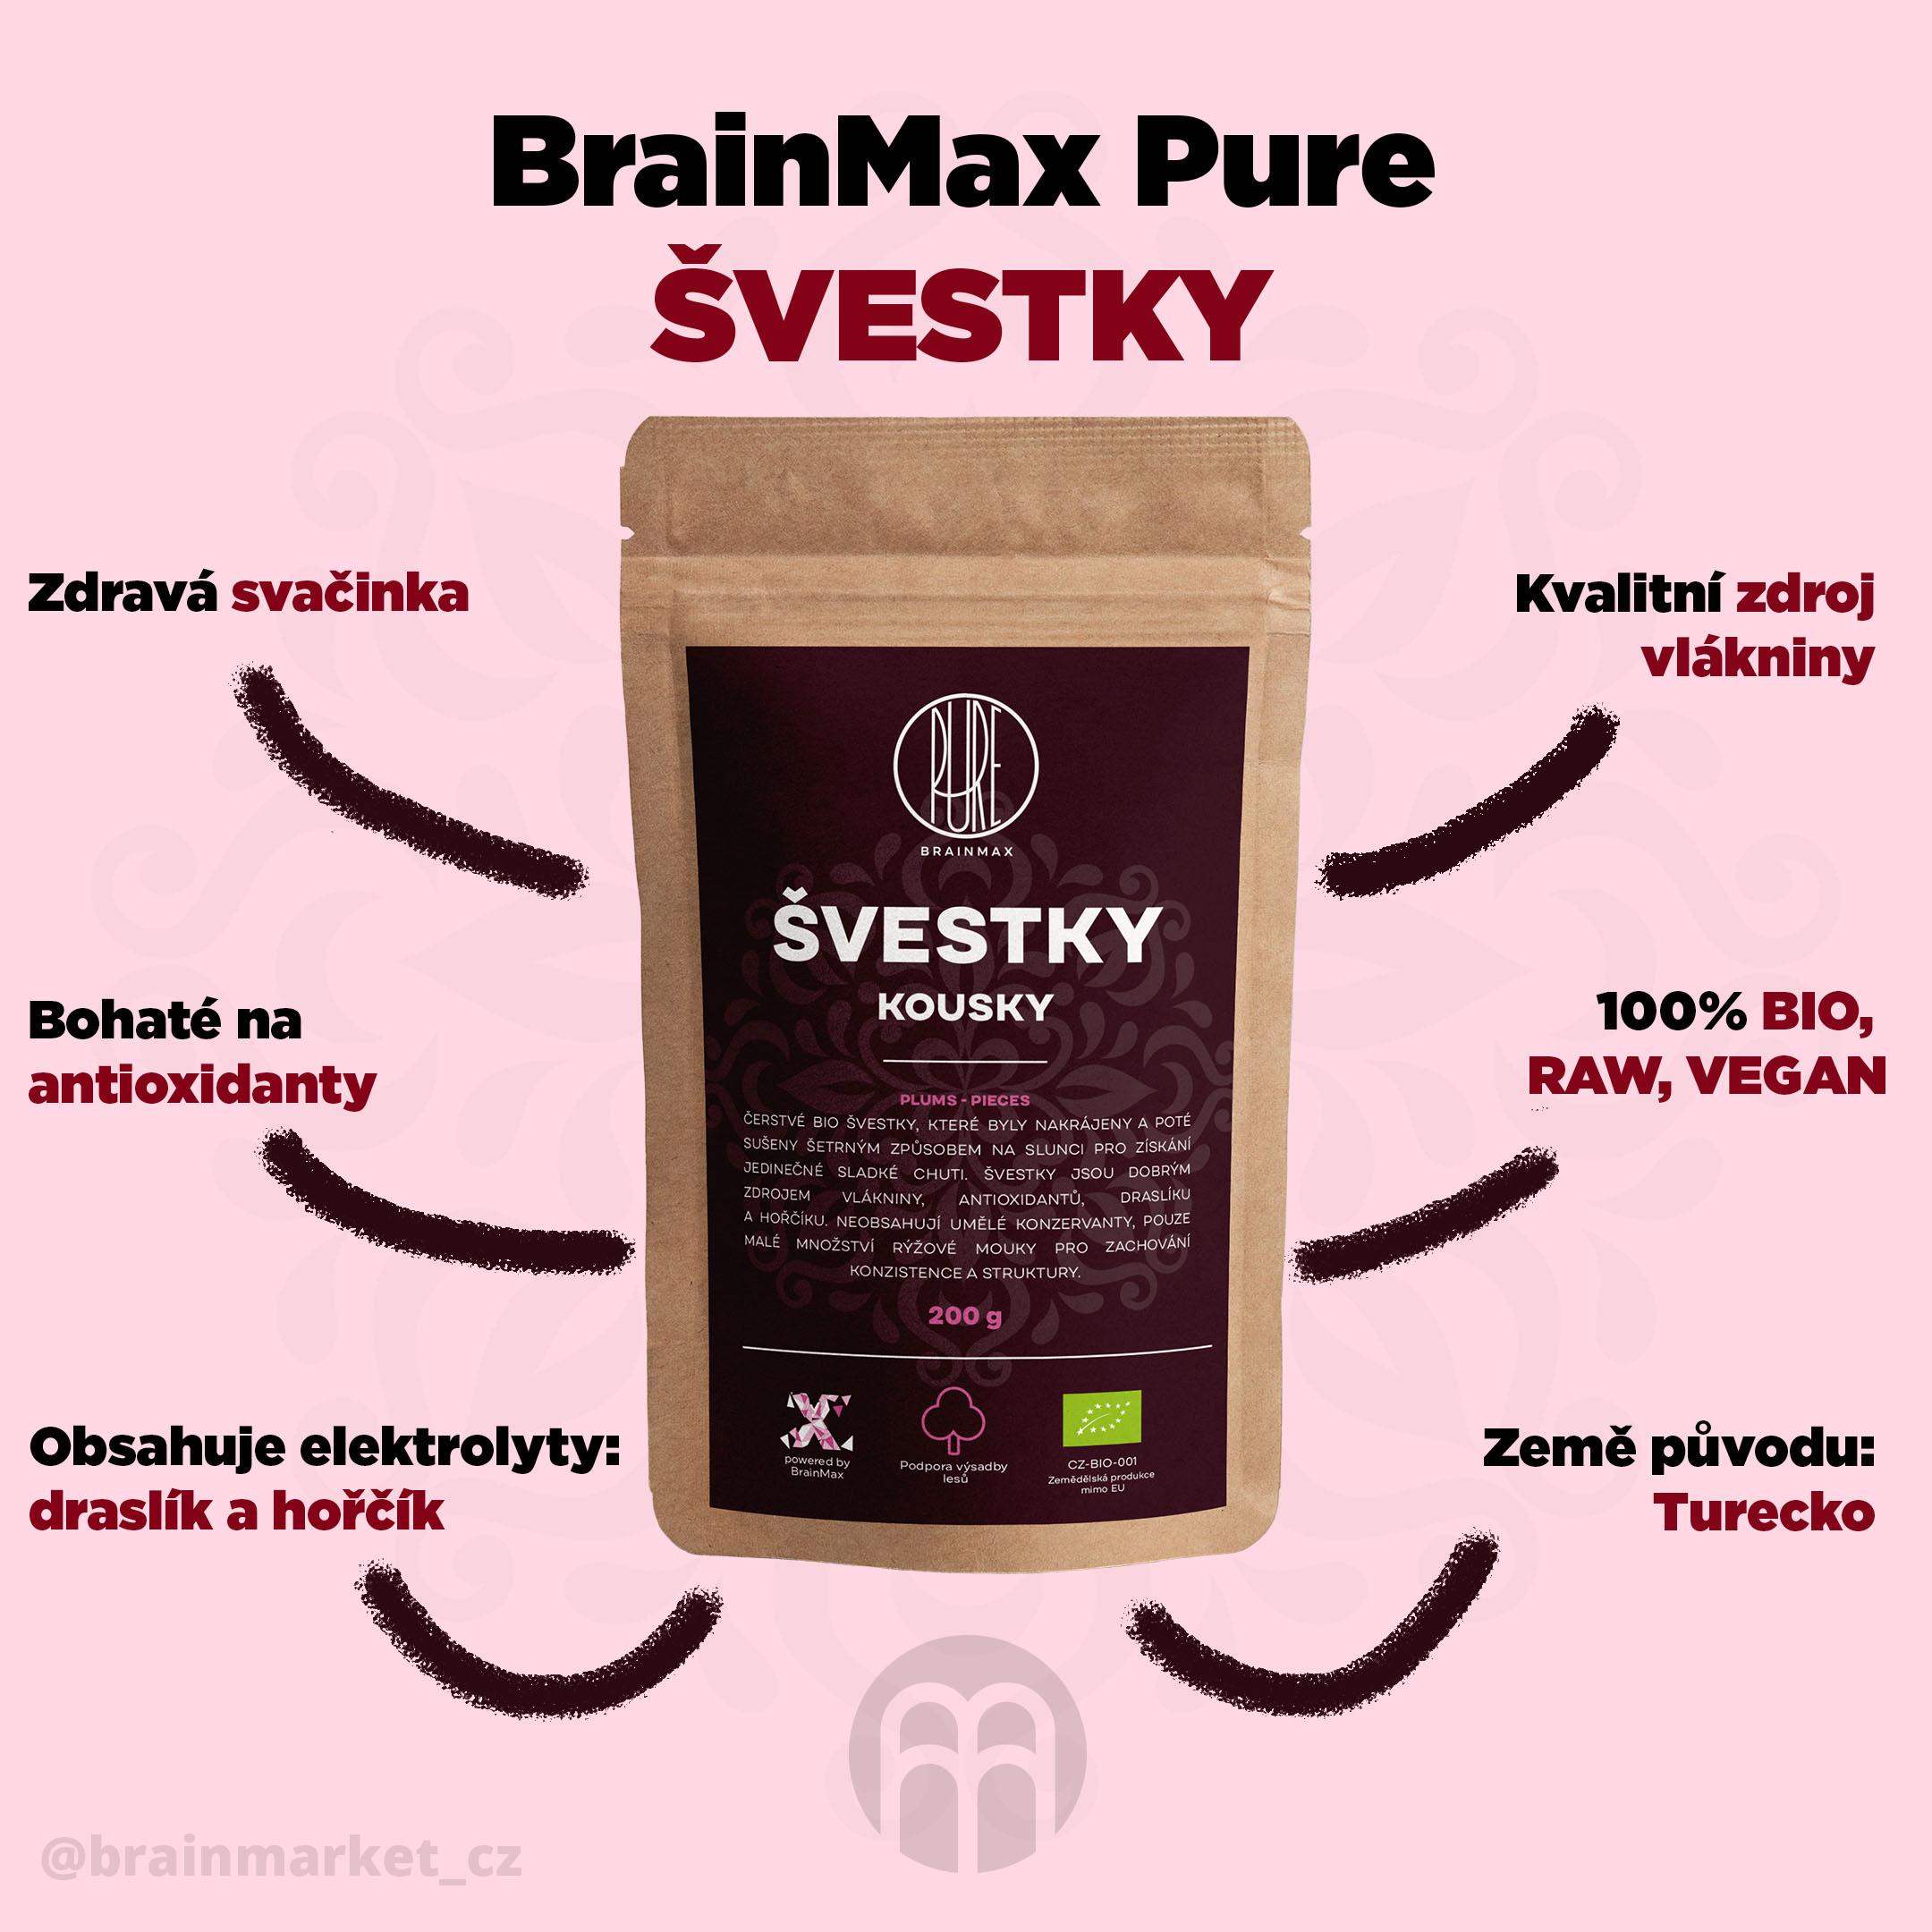 svestky-brainmax-pure-brainmarket-cz